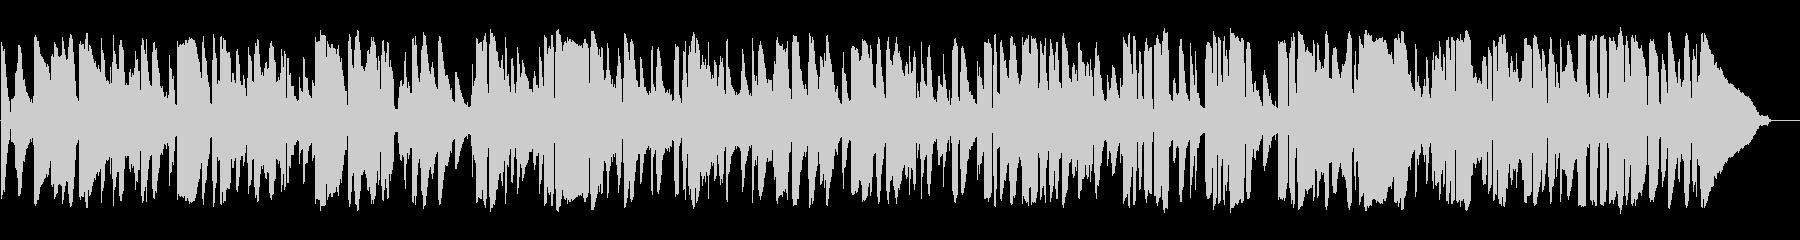 ジャズ センチメンタル 感情的 静...の未再生の波形